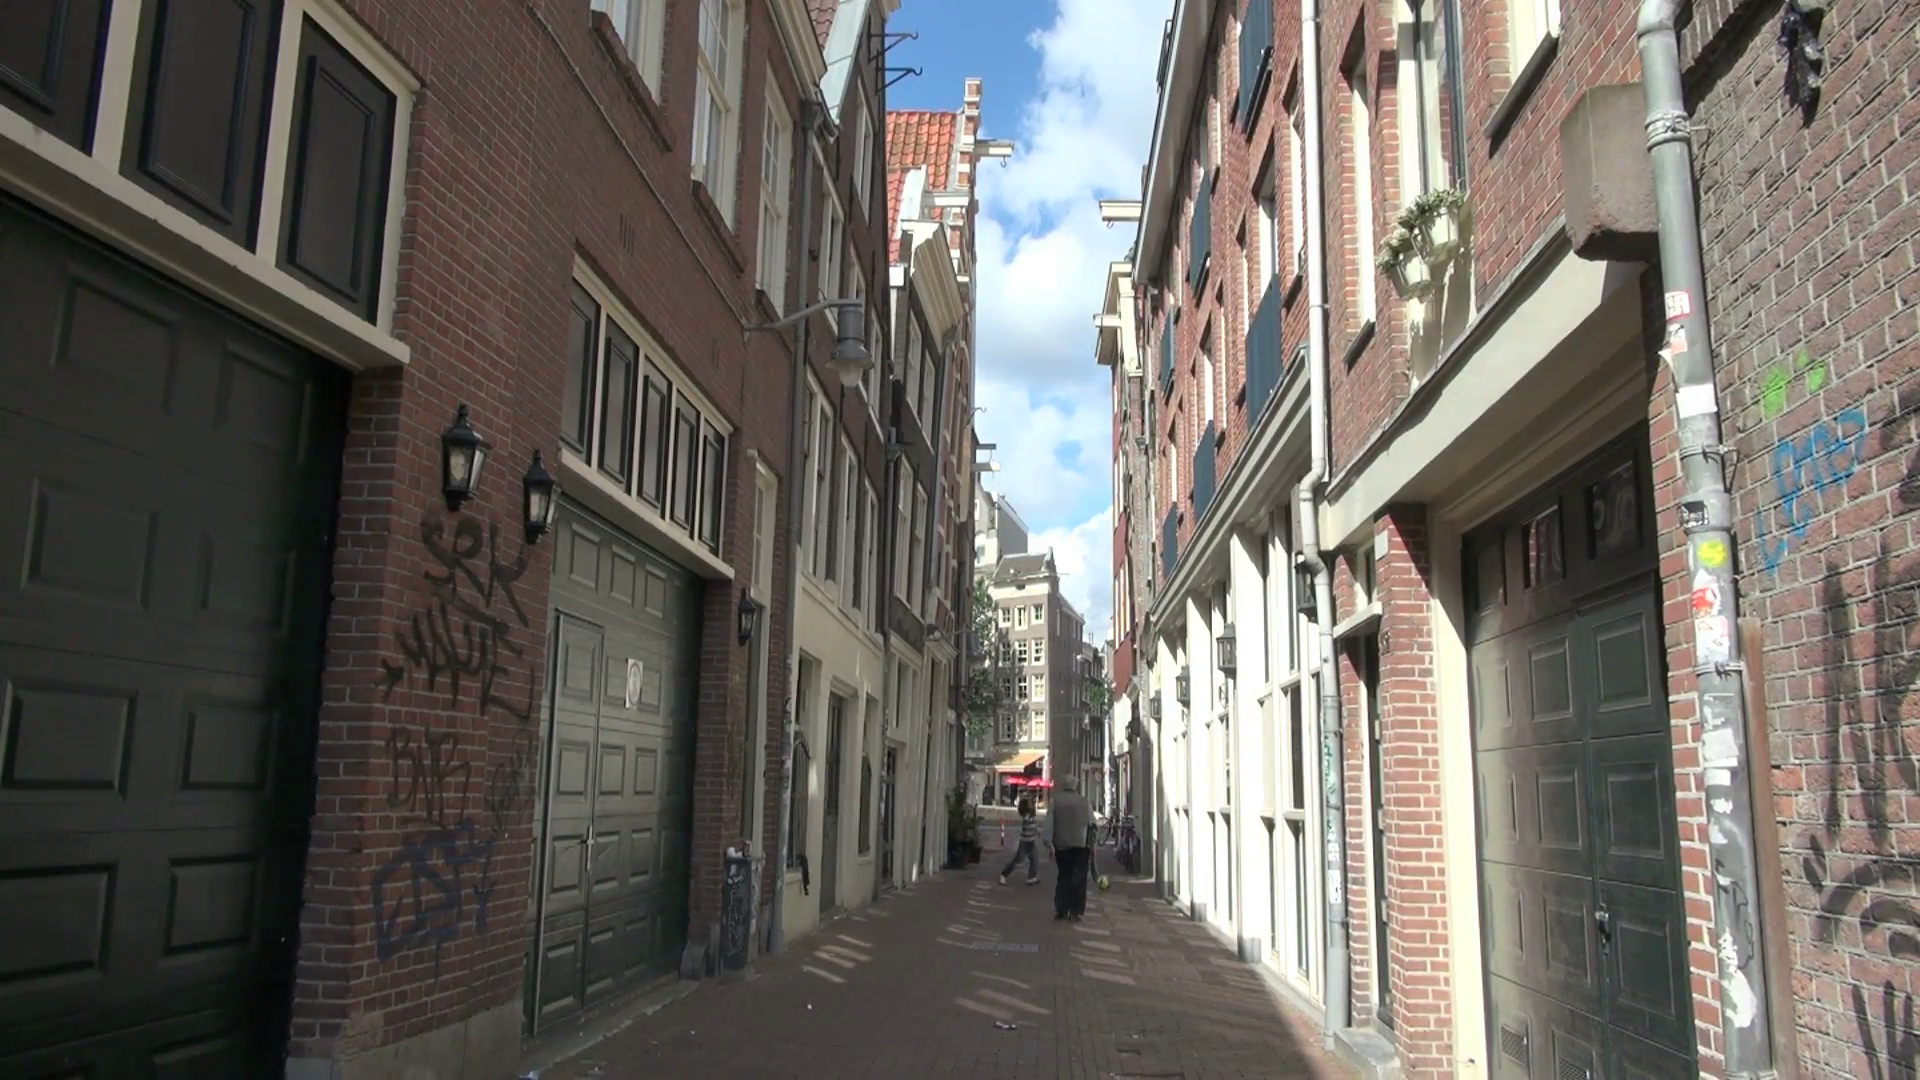 Alleyway in Amsterdam Stock Video Footage - Videoblocks